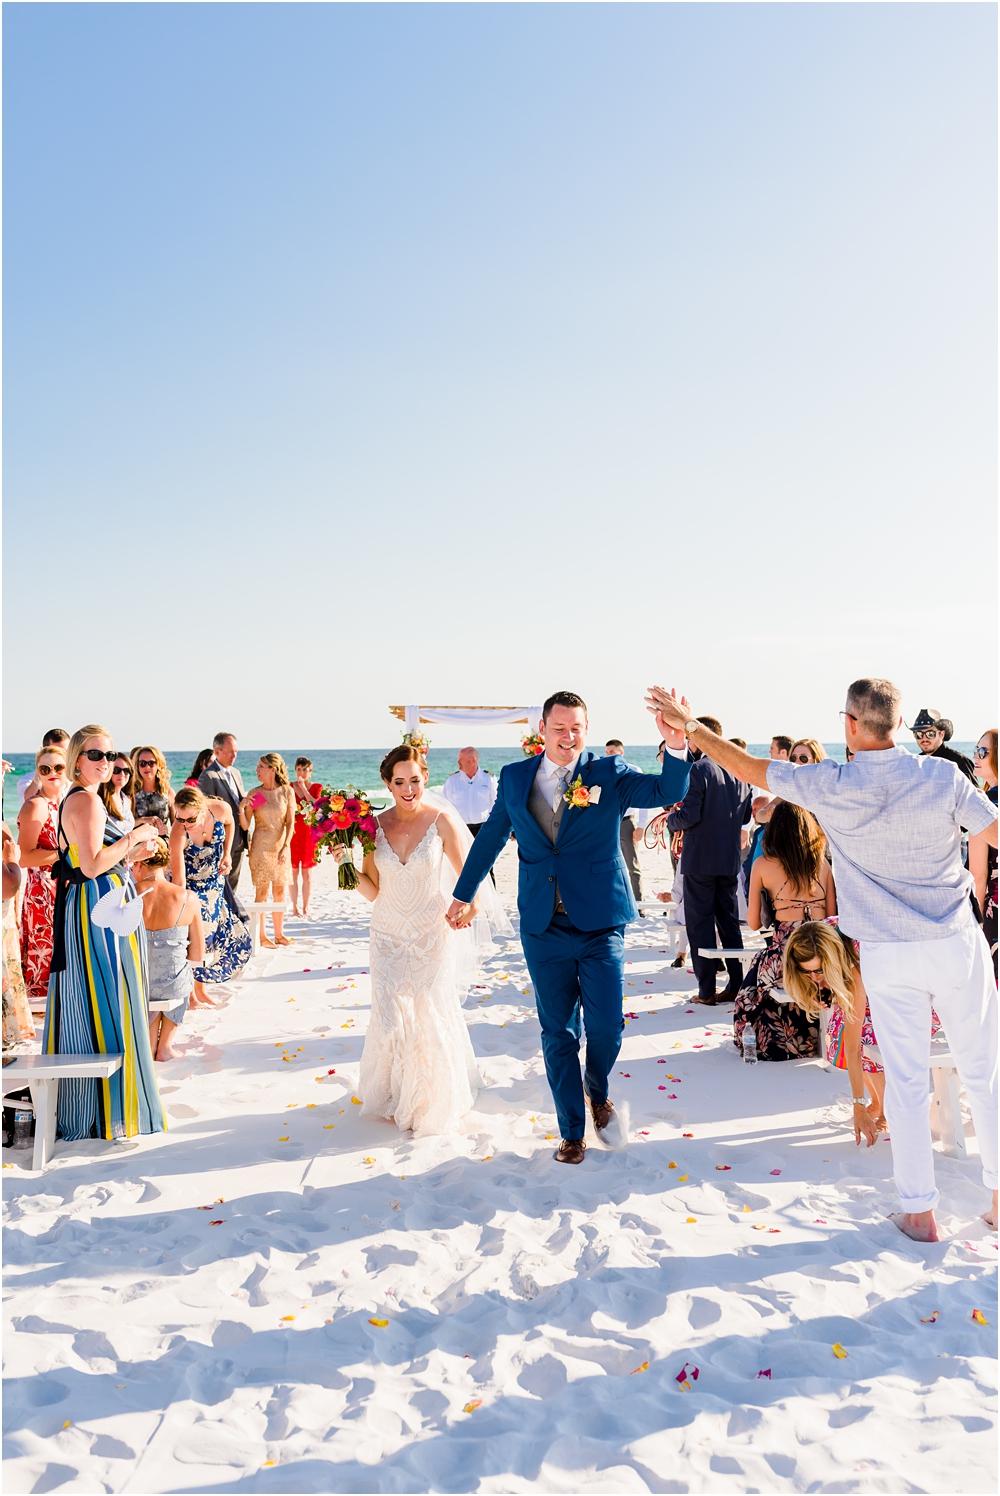 destin-sunquest-cruise-wedding-kiersten-stevenson-photography-58.jpg